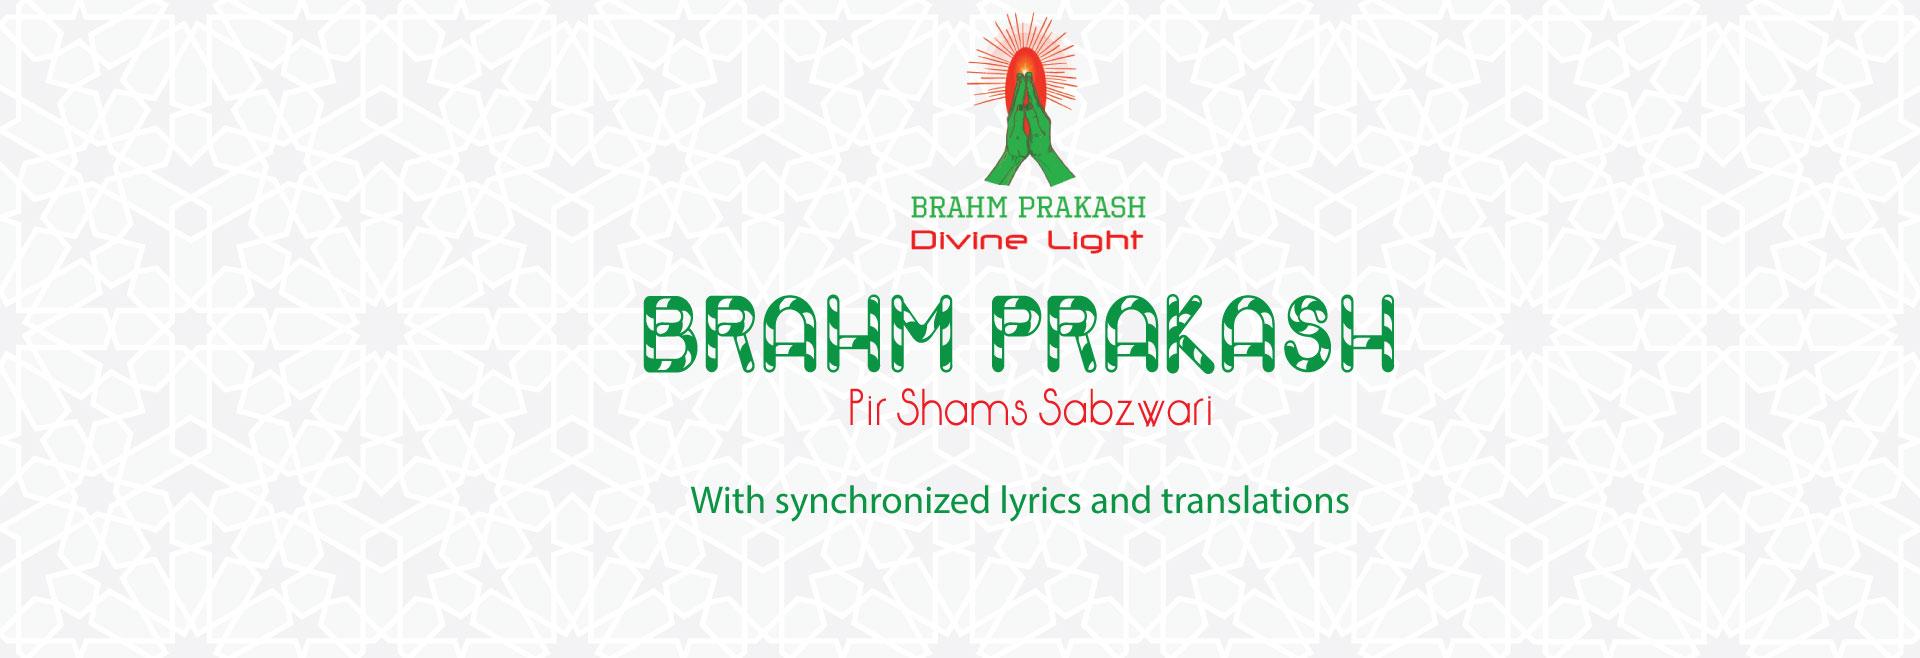 BRAHM PRAKASH